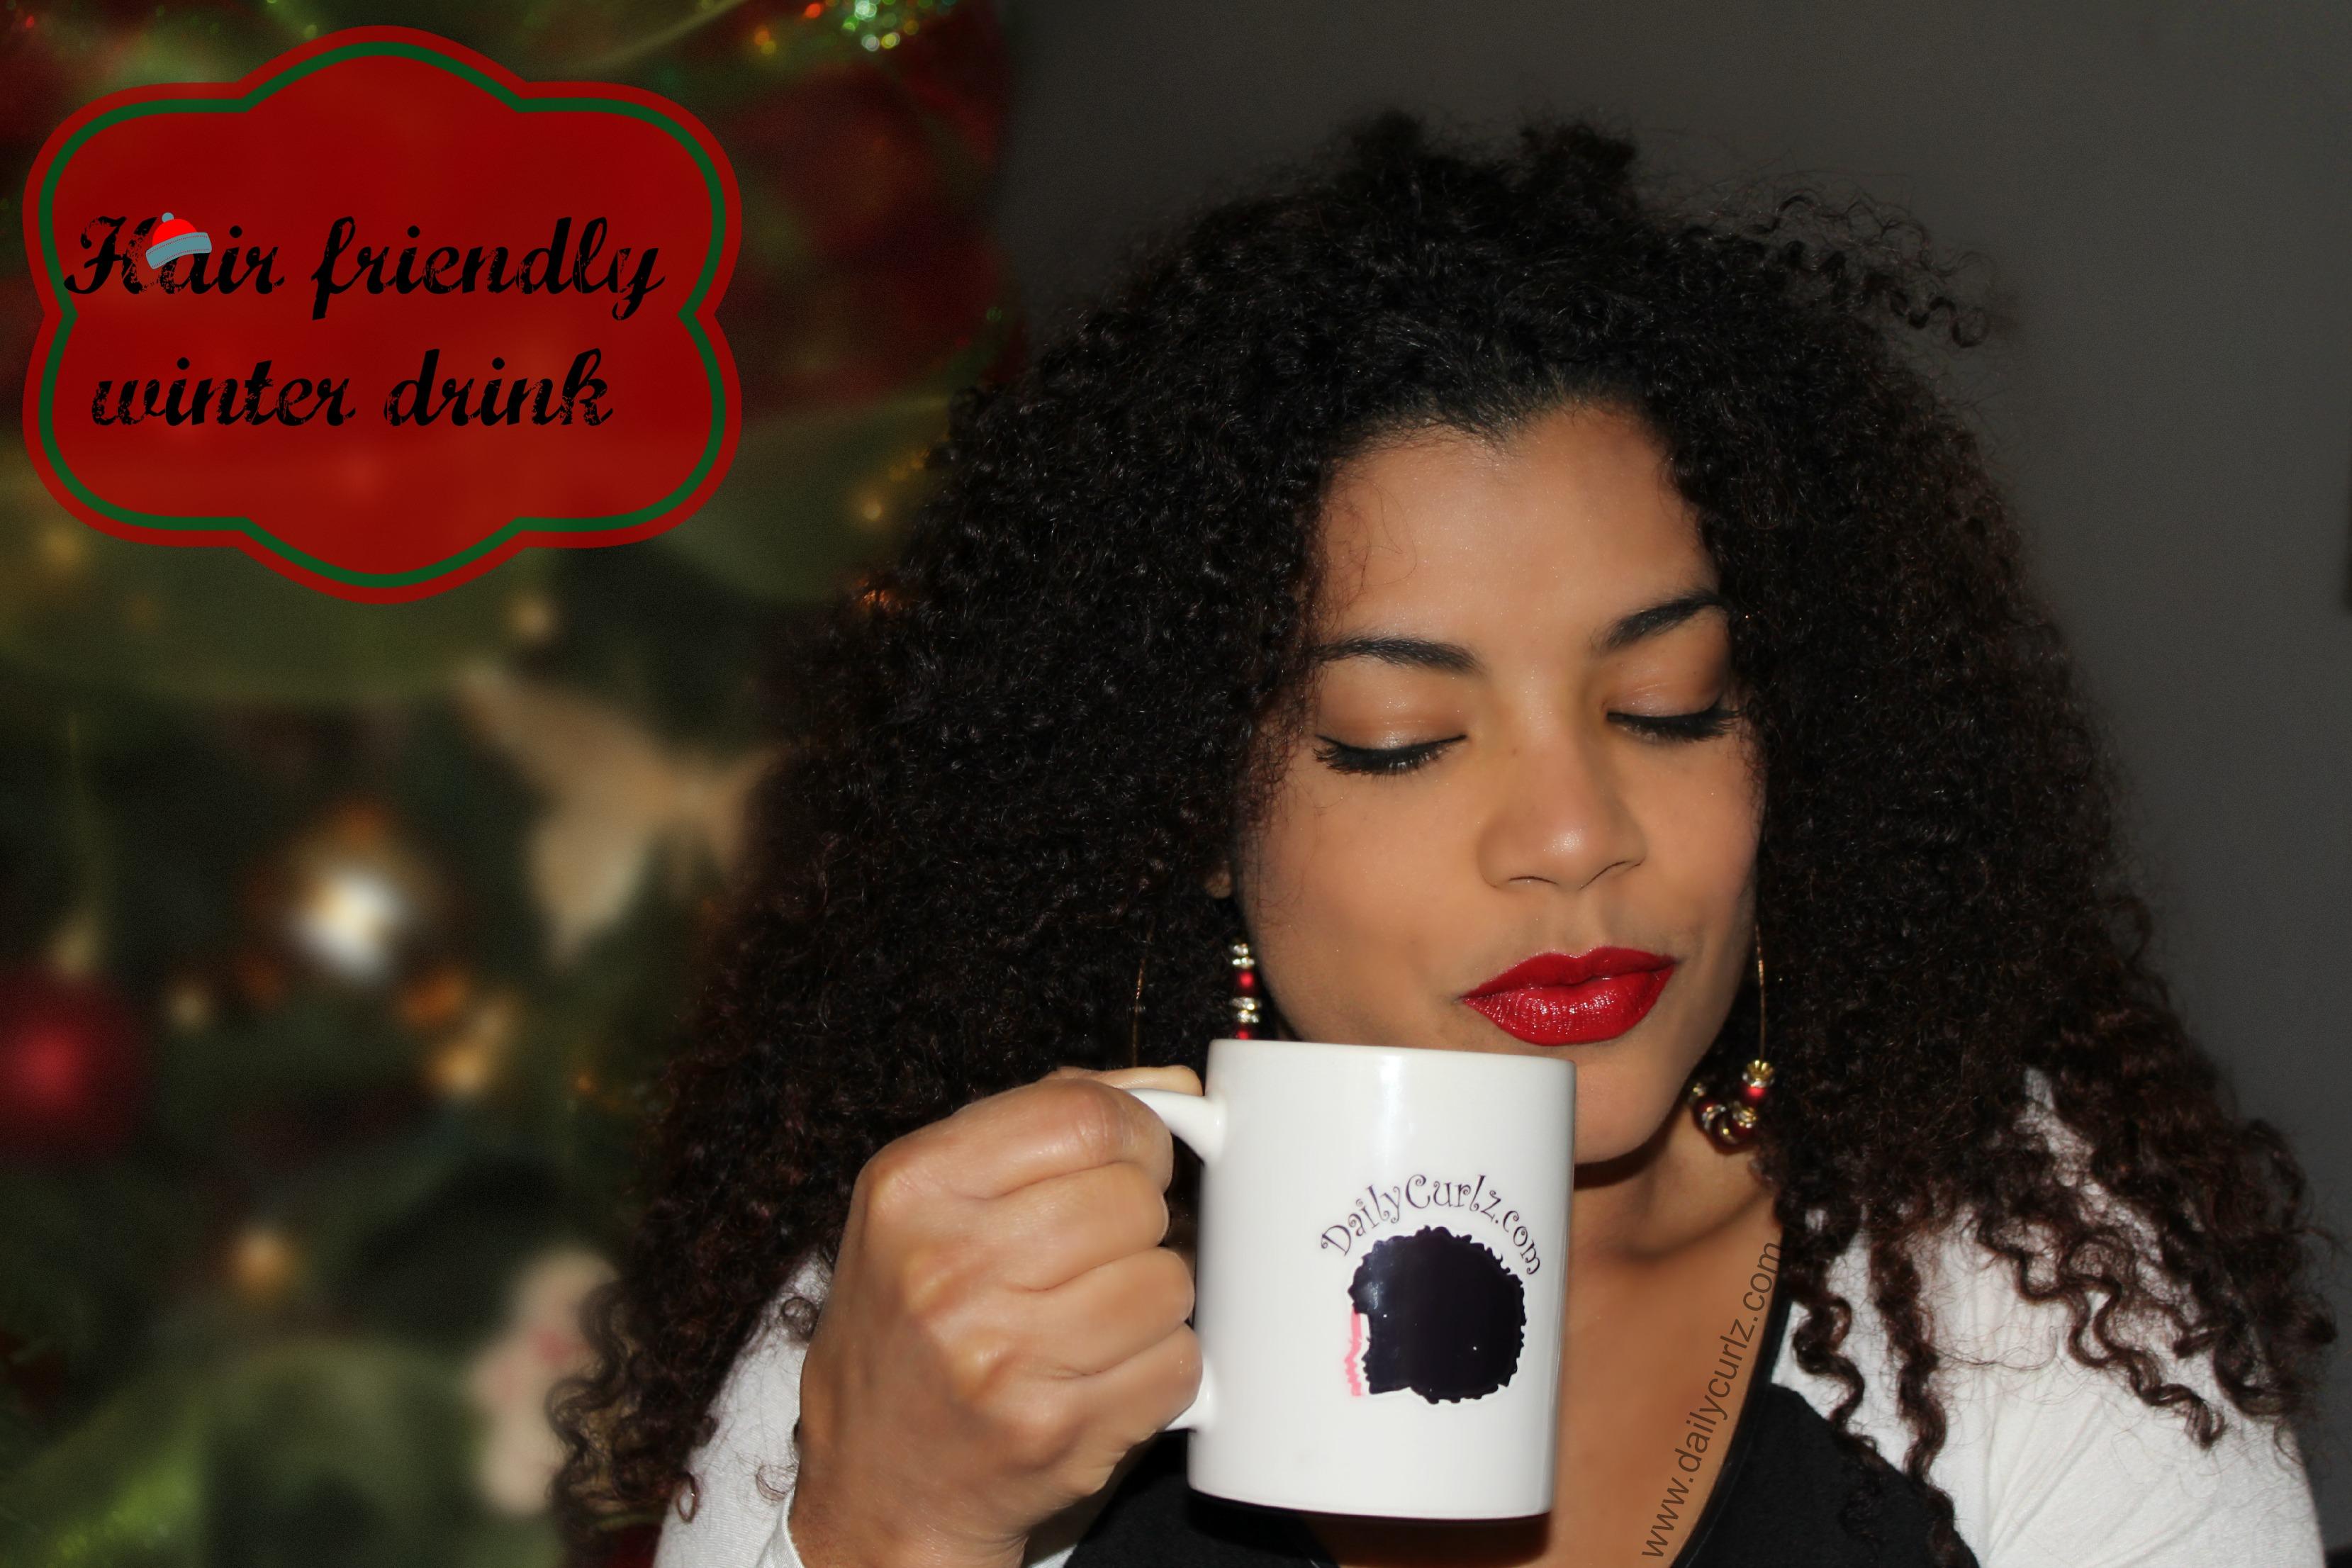 Hair Friendly Hot Winter Drink / Ponche saludable para el invierno